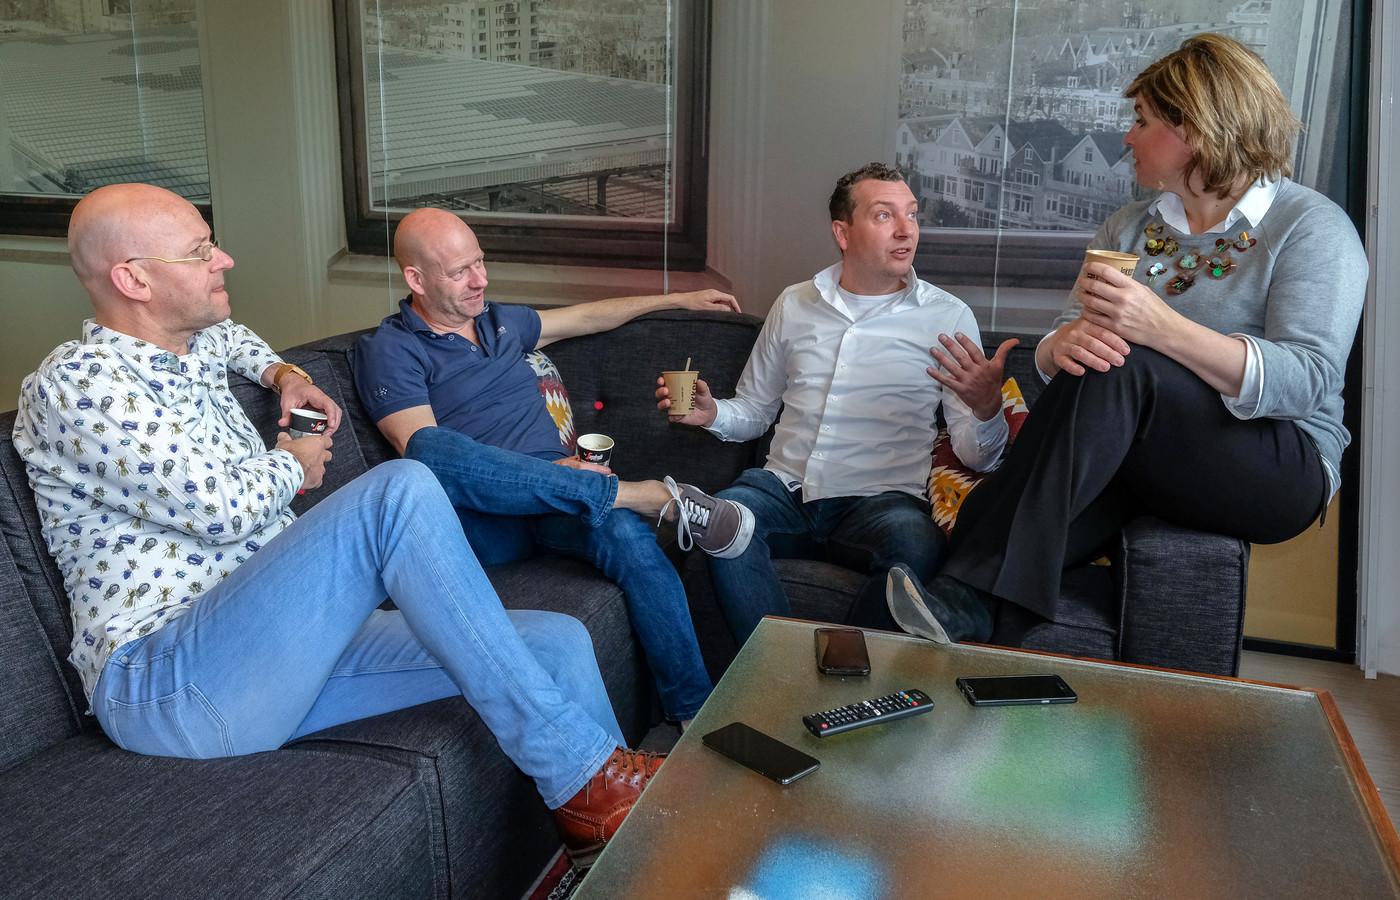 TV-columniste Angela de Jong (r) en verslaggevers Dennis Jansen (2e van l) en Gudo Tienhooven (2e van r) spreken over de opvallendste gebeurtenissen in de mediawereld. De presentatie is in handen van Alexander van Eenennaam (l), coördinator van de media- en cultuurredactie.